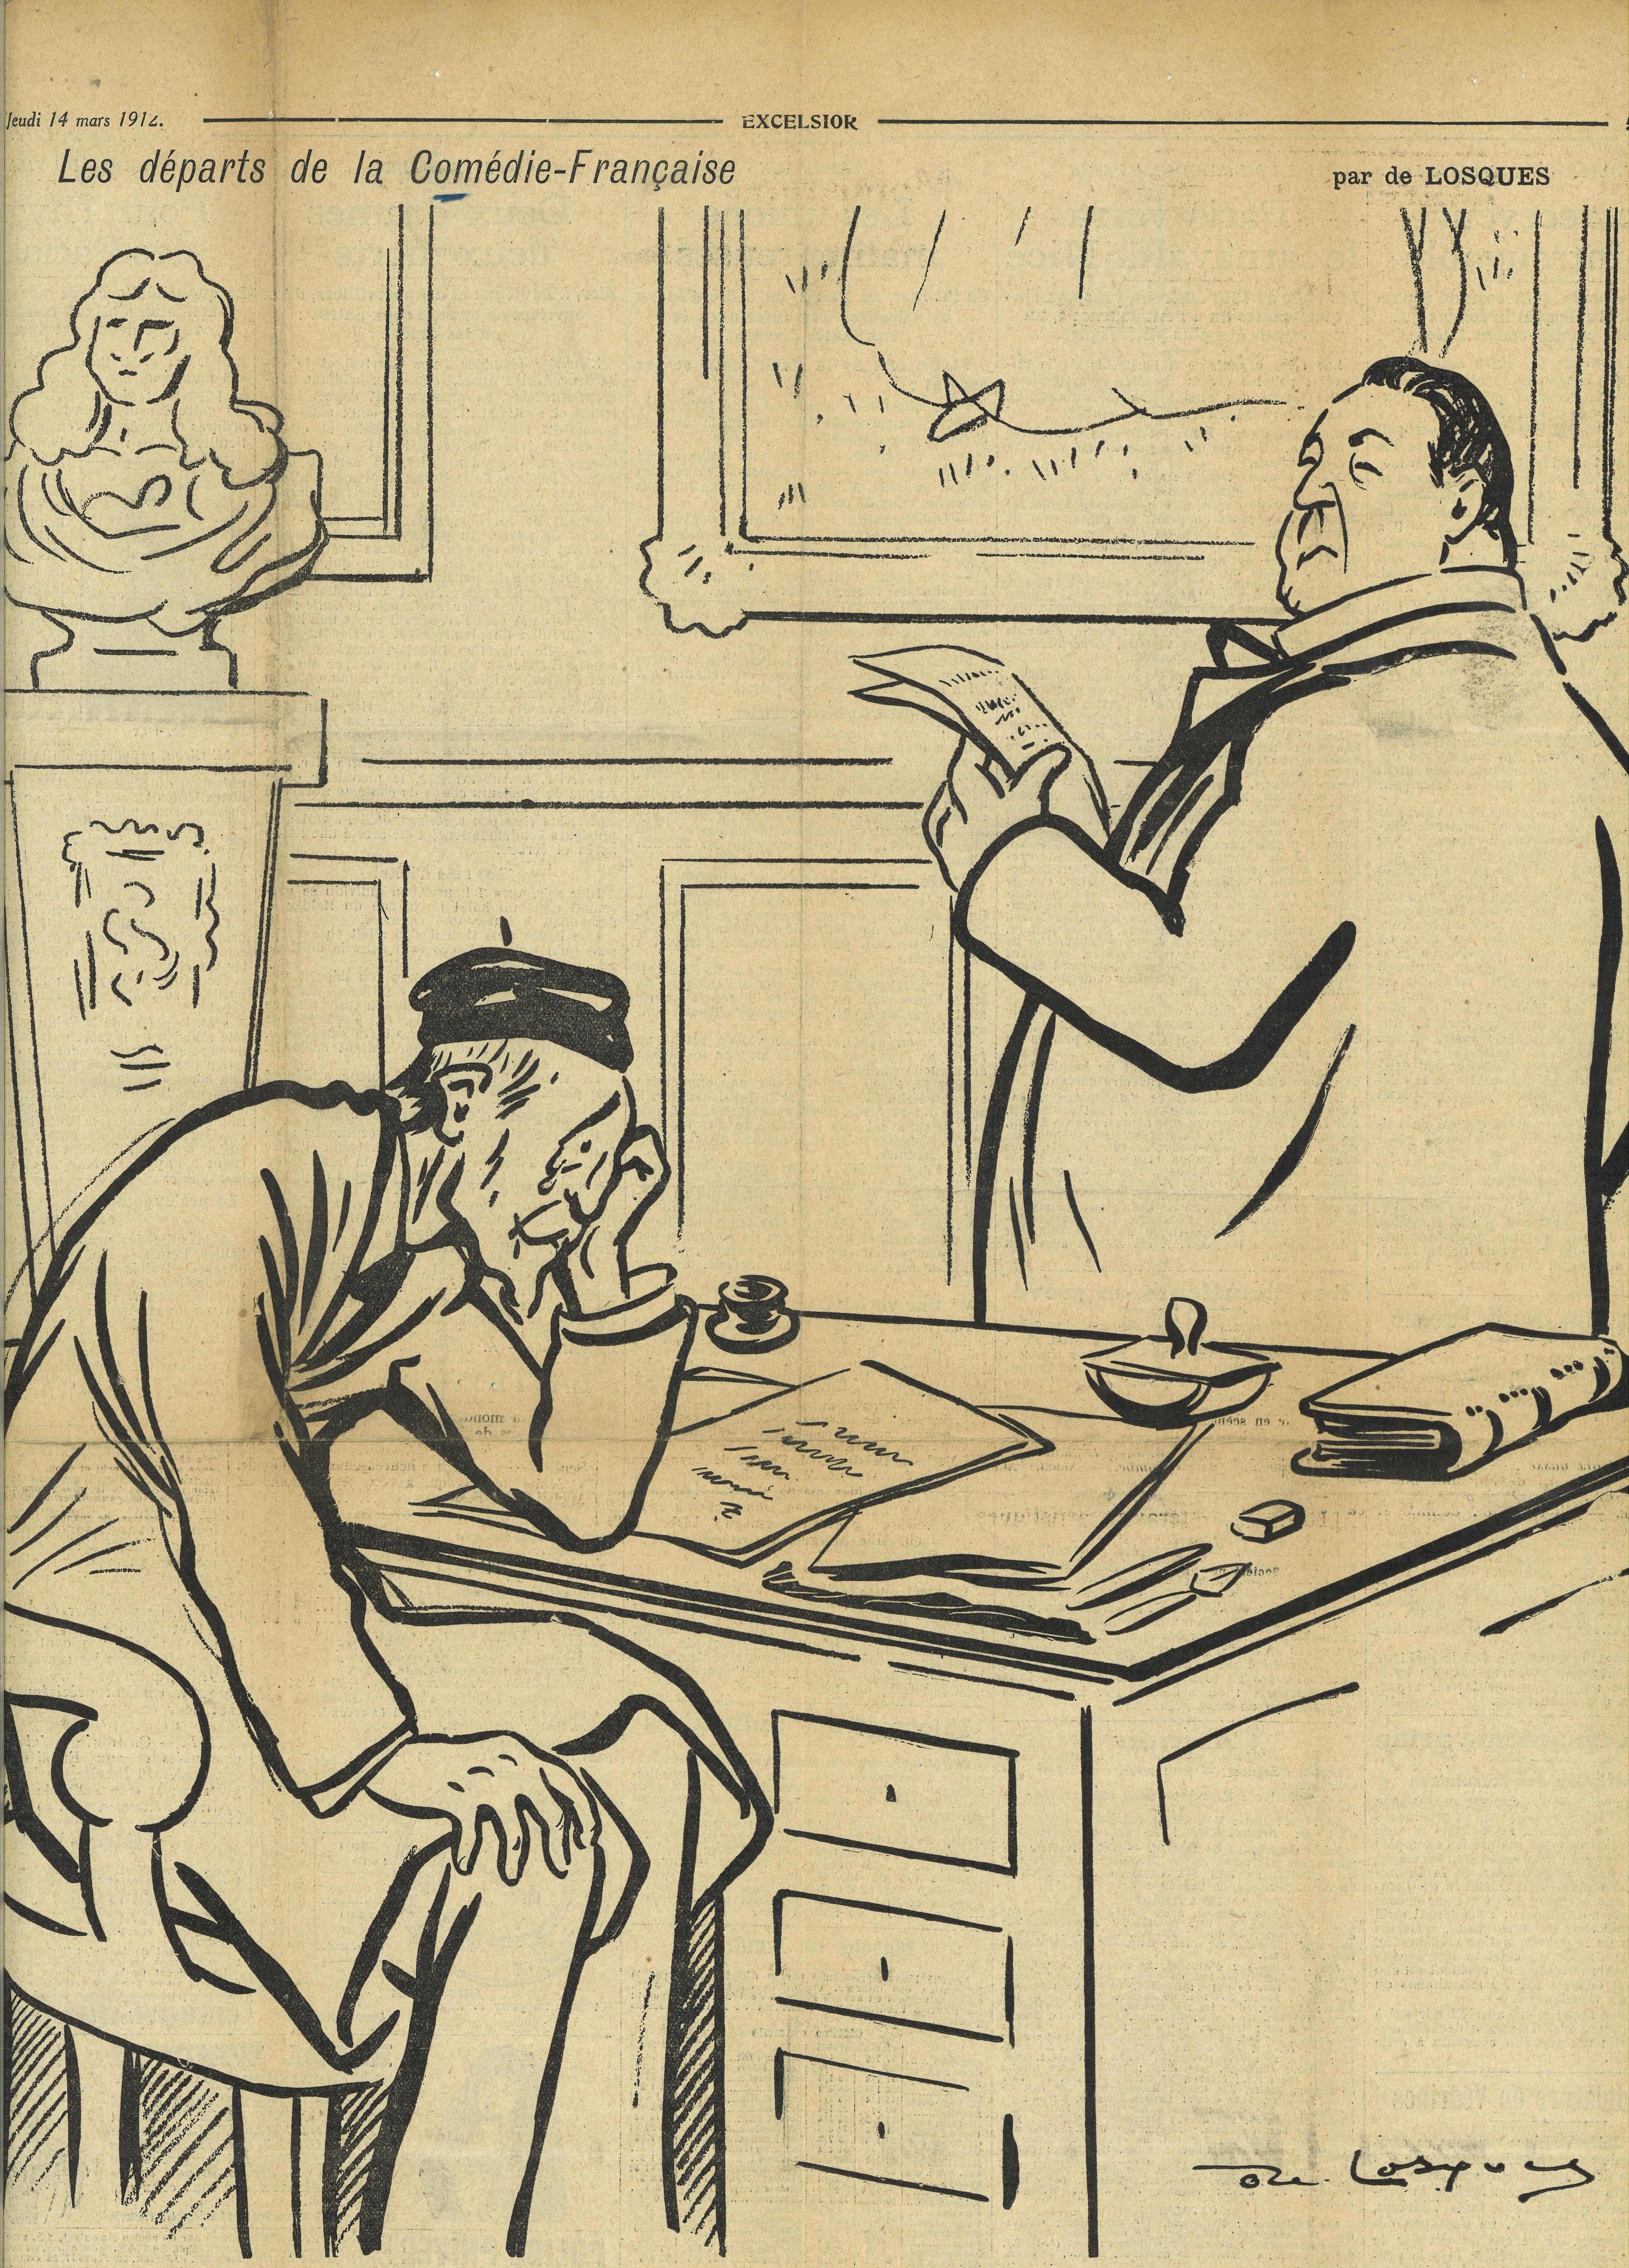 15-jules-claretie-les-dc-parts-de-la-cf-caricature-par-de-losques-dans-lexcelsior-1912